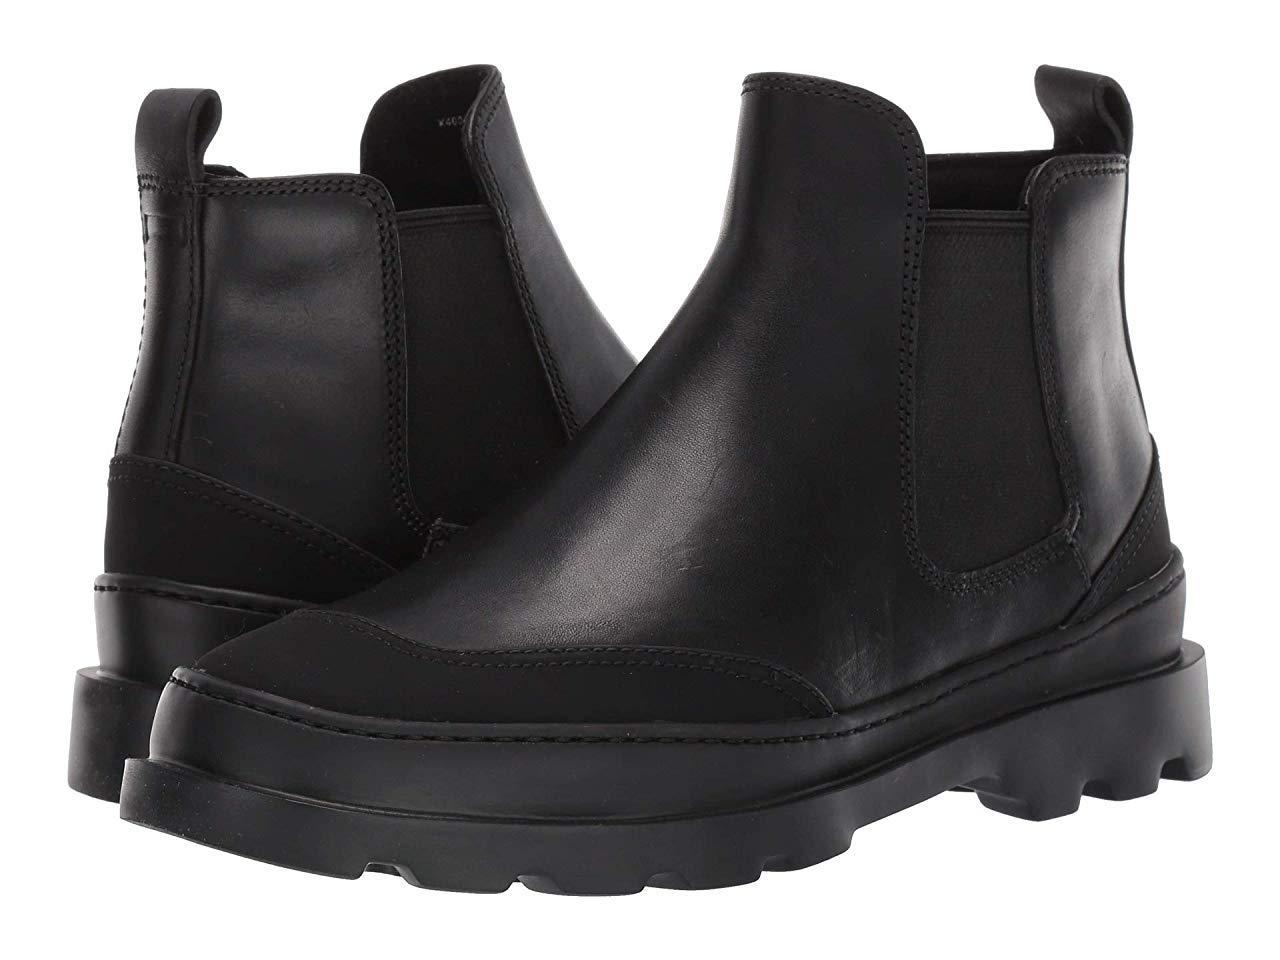 Ботинки/Сапоги (Оригинал) Camper Brutus Black